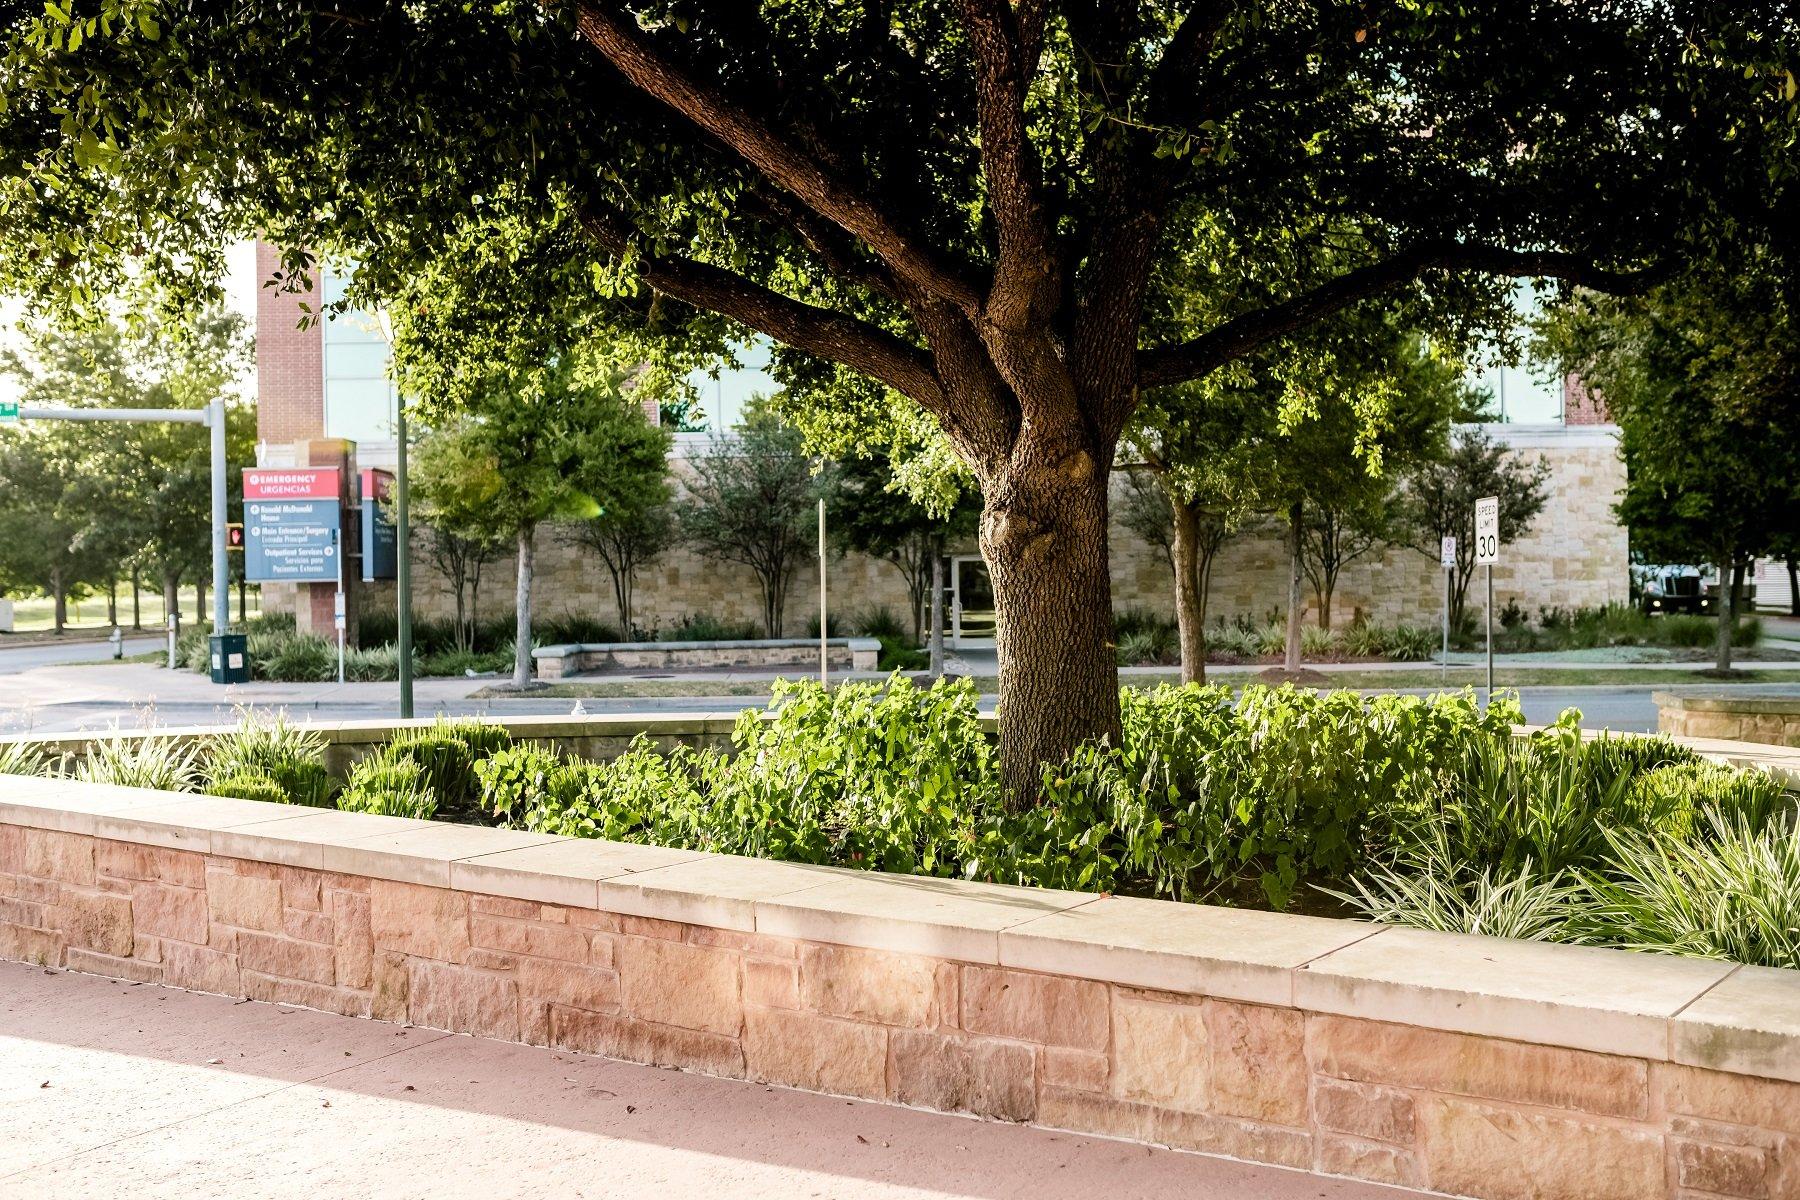 commercial-planter-plants-shrubs-grasses-tree-sidewalk